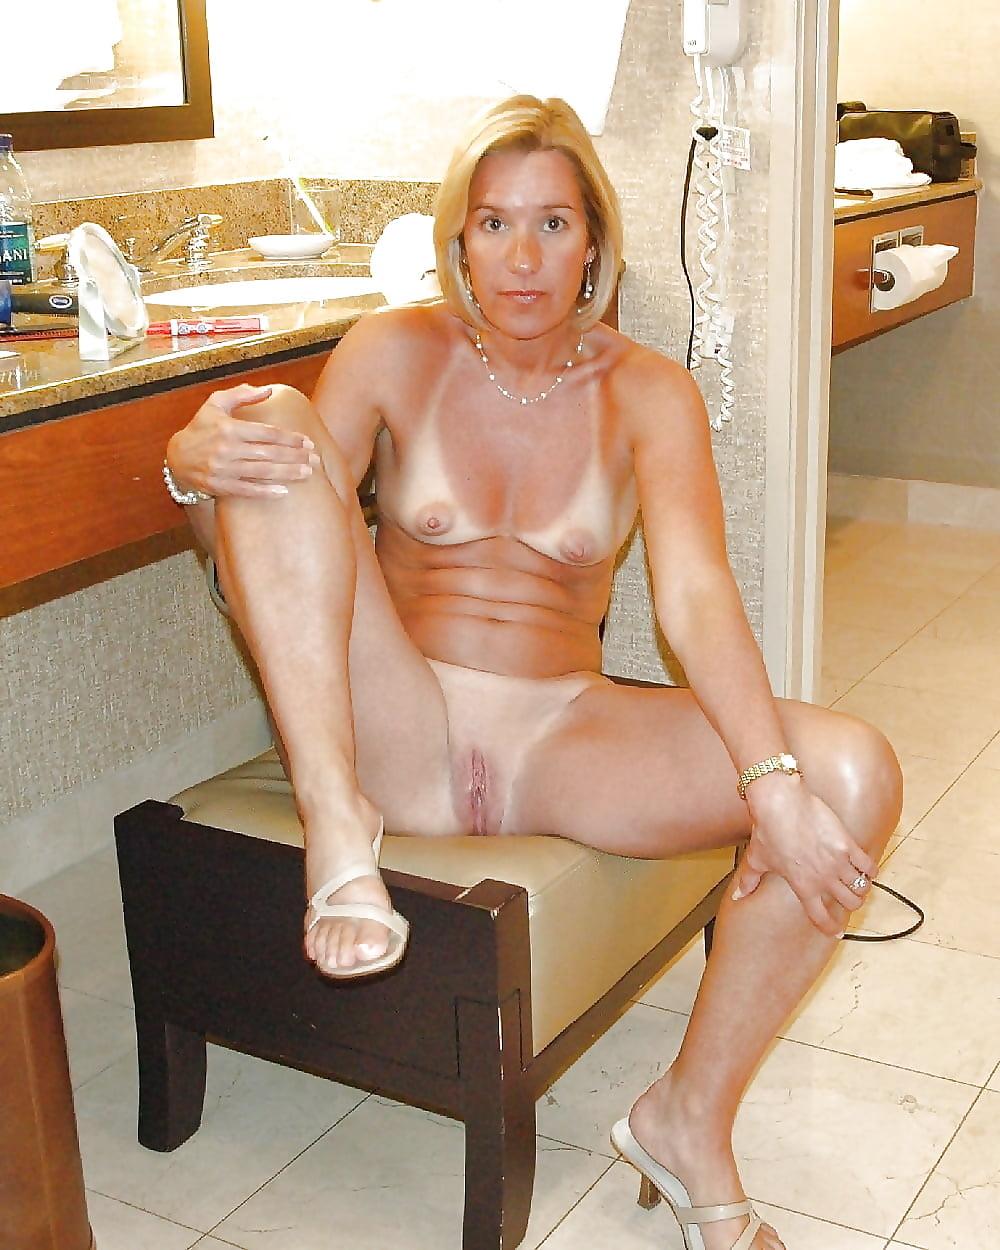 Moana sexy mature house wifes nude